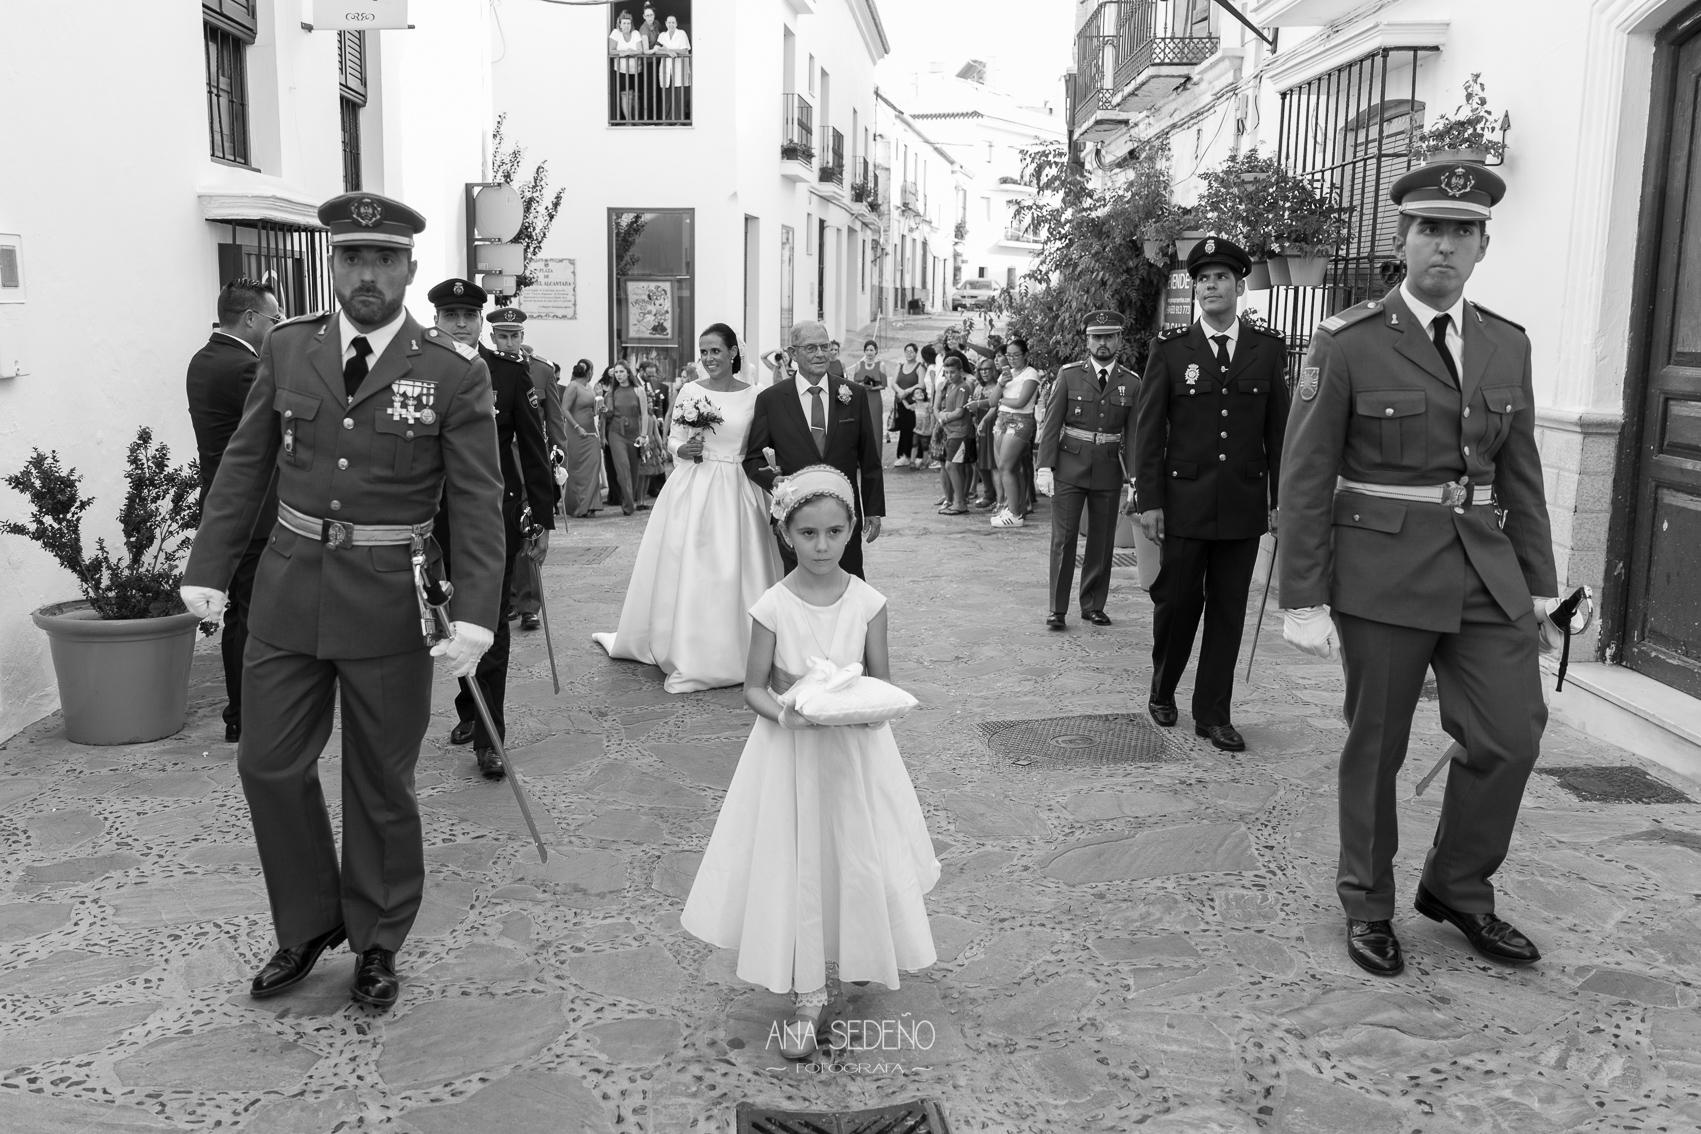 Ana Sedeño Fotografa.-BODA041